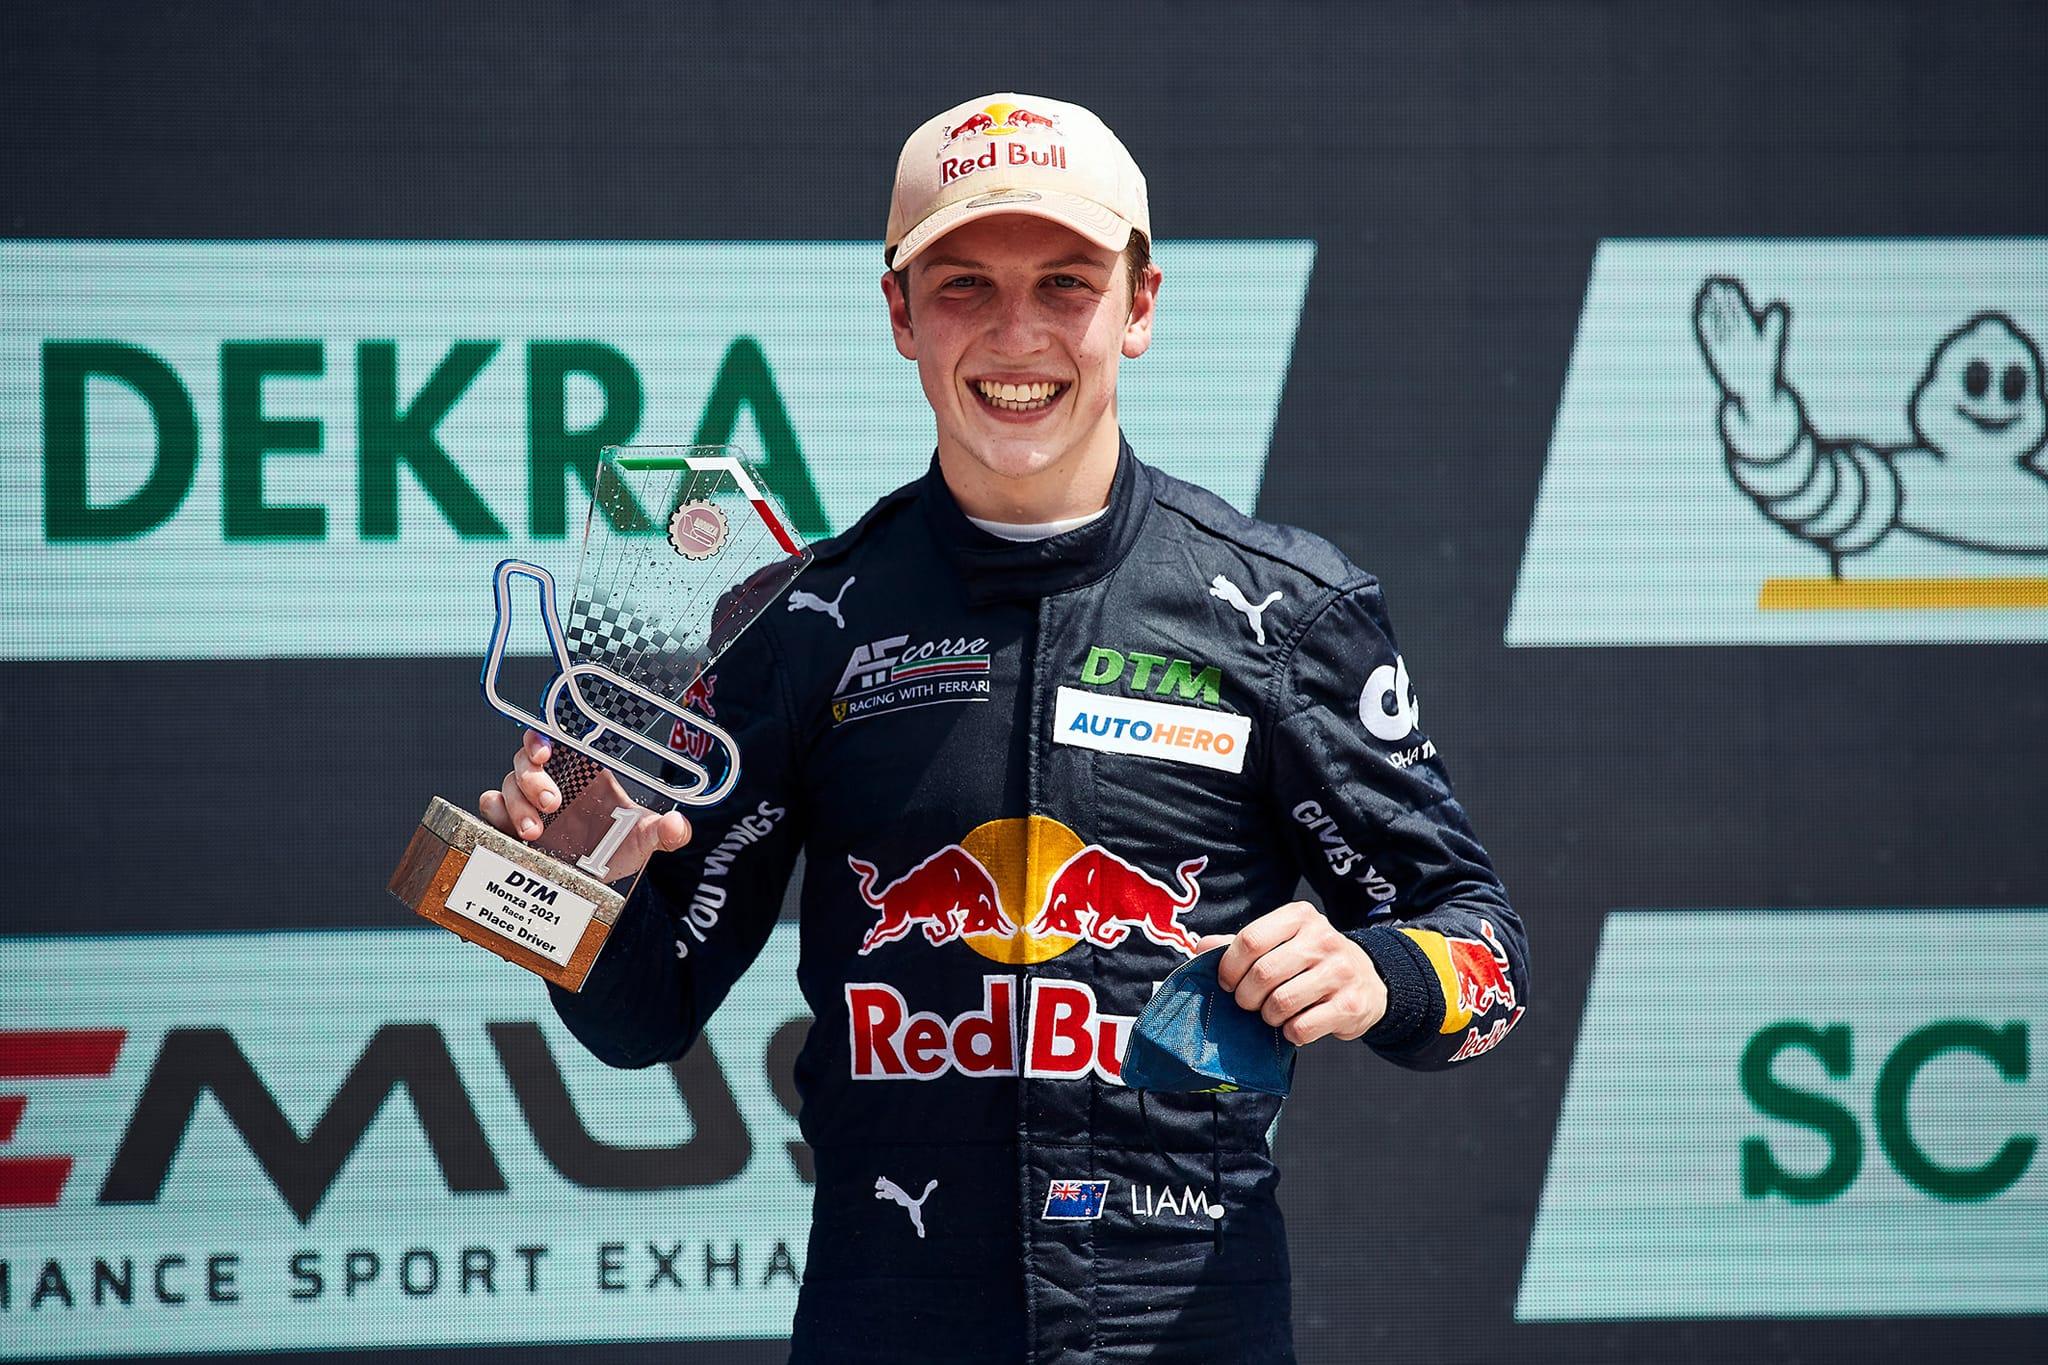 Lawson makes history at Monza!